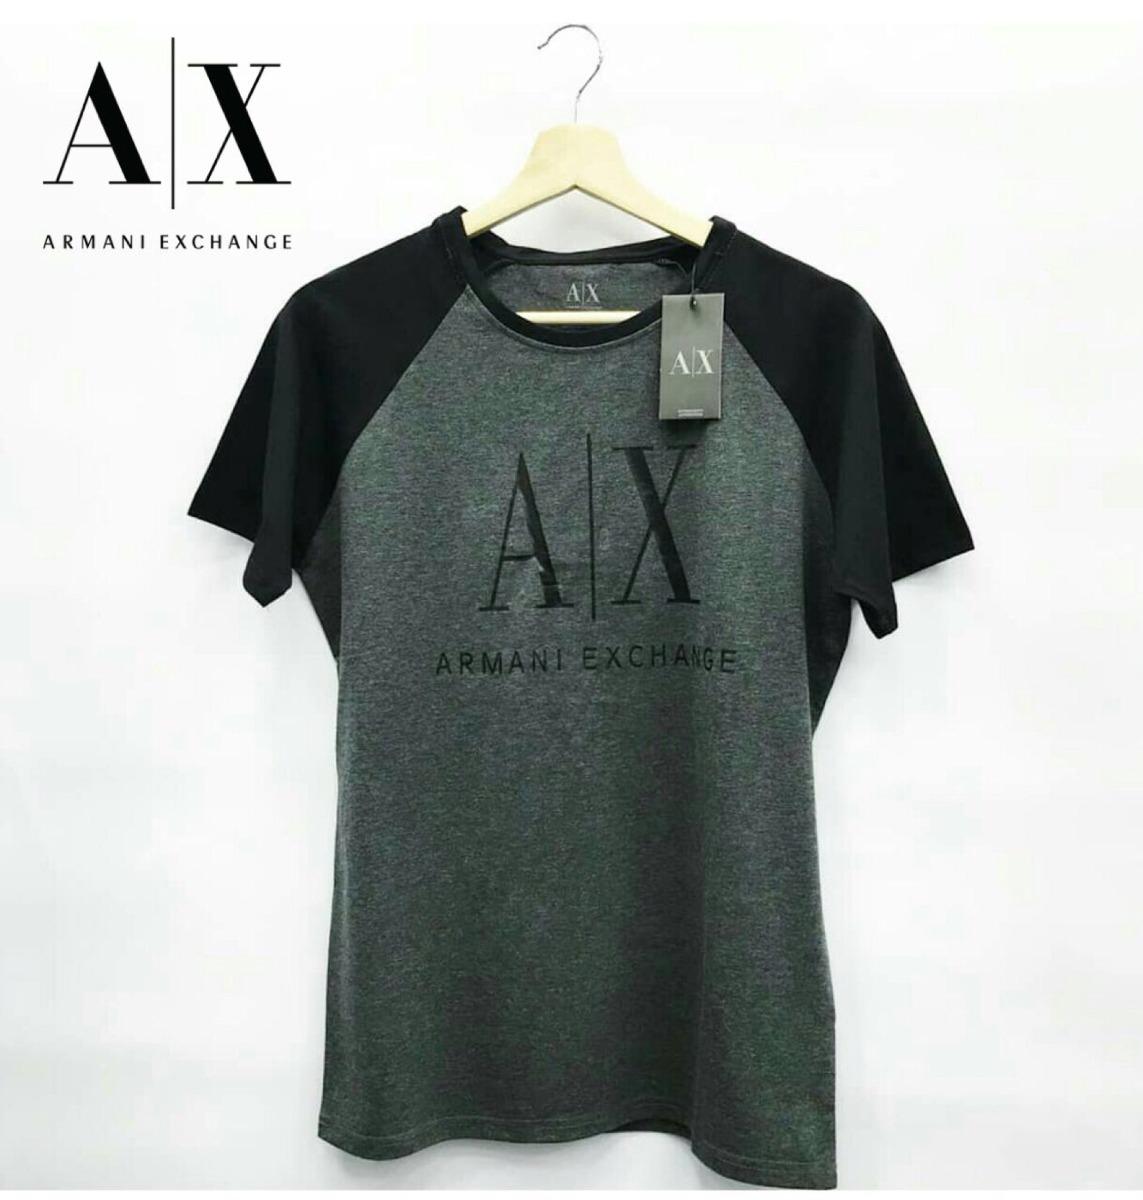 Camisetas Marca -   55.000 en Mercado Libre 09c82f3ae4d